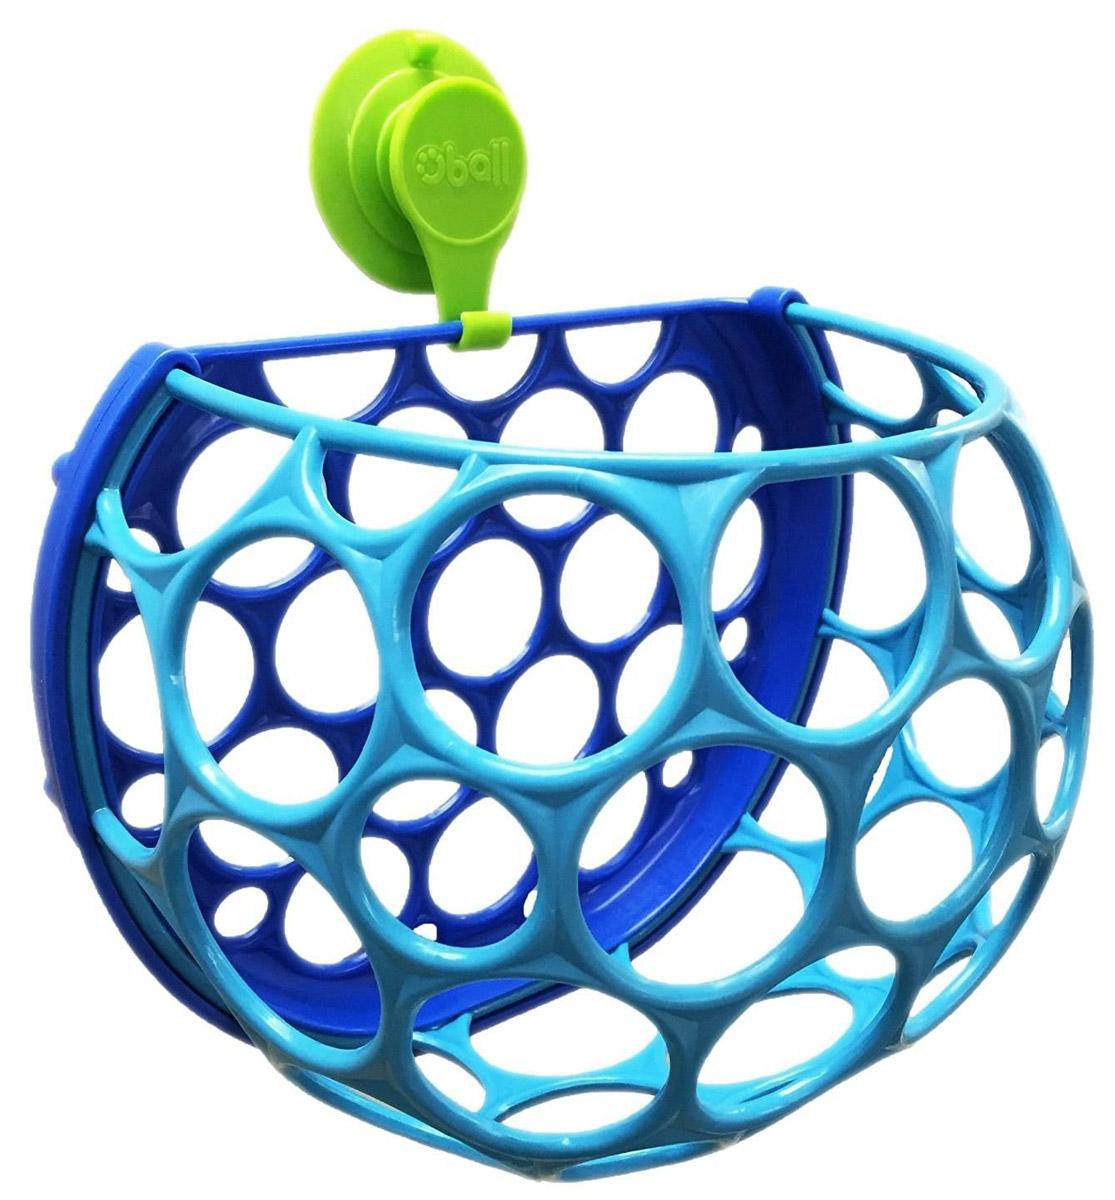 Oball Контейнер для игрушек в ванной10067С контейнером для игрушек в ванной Oball легко убирать и хранить игрушки после купания! Контейнер выполнен в виде мячика, вода легко выливается через его отверстия. Крепится к стене при помощи присоски, позволяя экономить место в ванной комнате. Отверстия помогают быстрее просушить игрушки и сократить возможность образования плесени. Контейнер изготовлен из мягкого и гибкого пластика, приятен на ощупь.